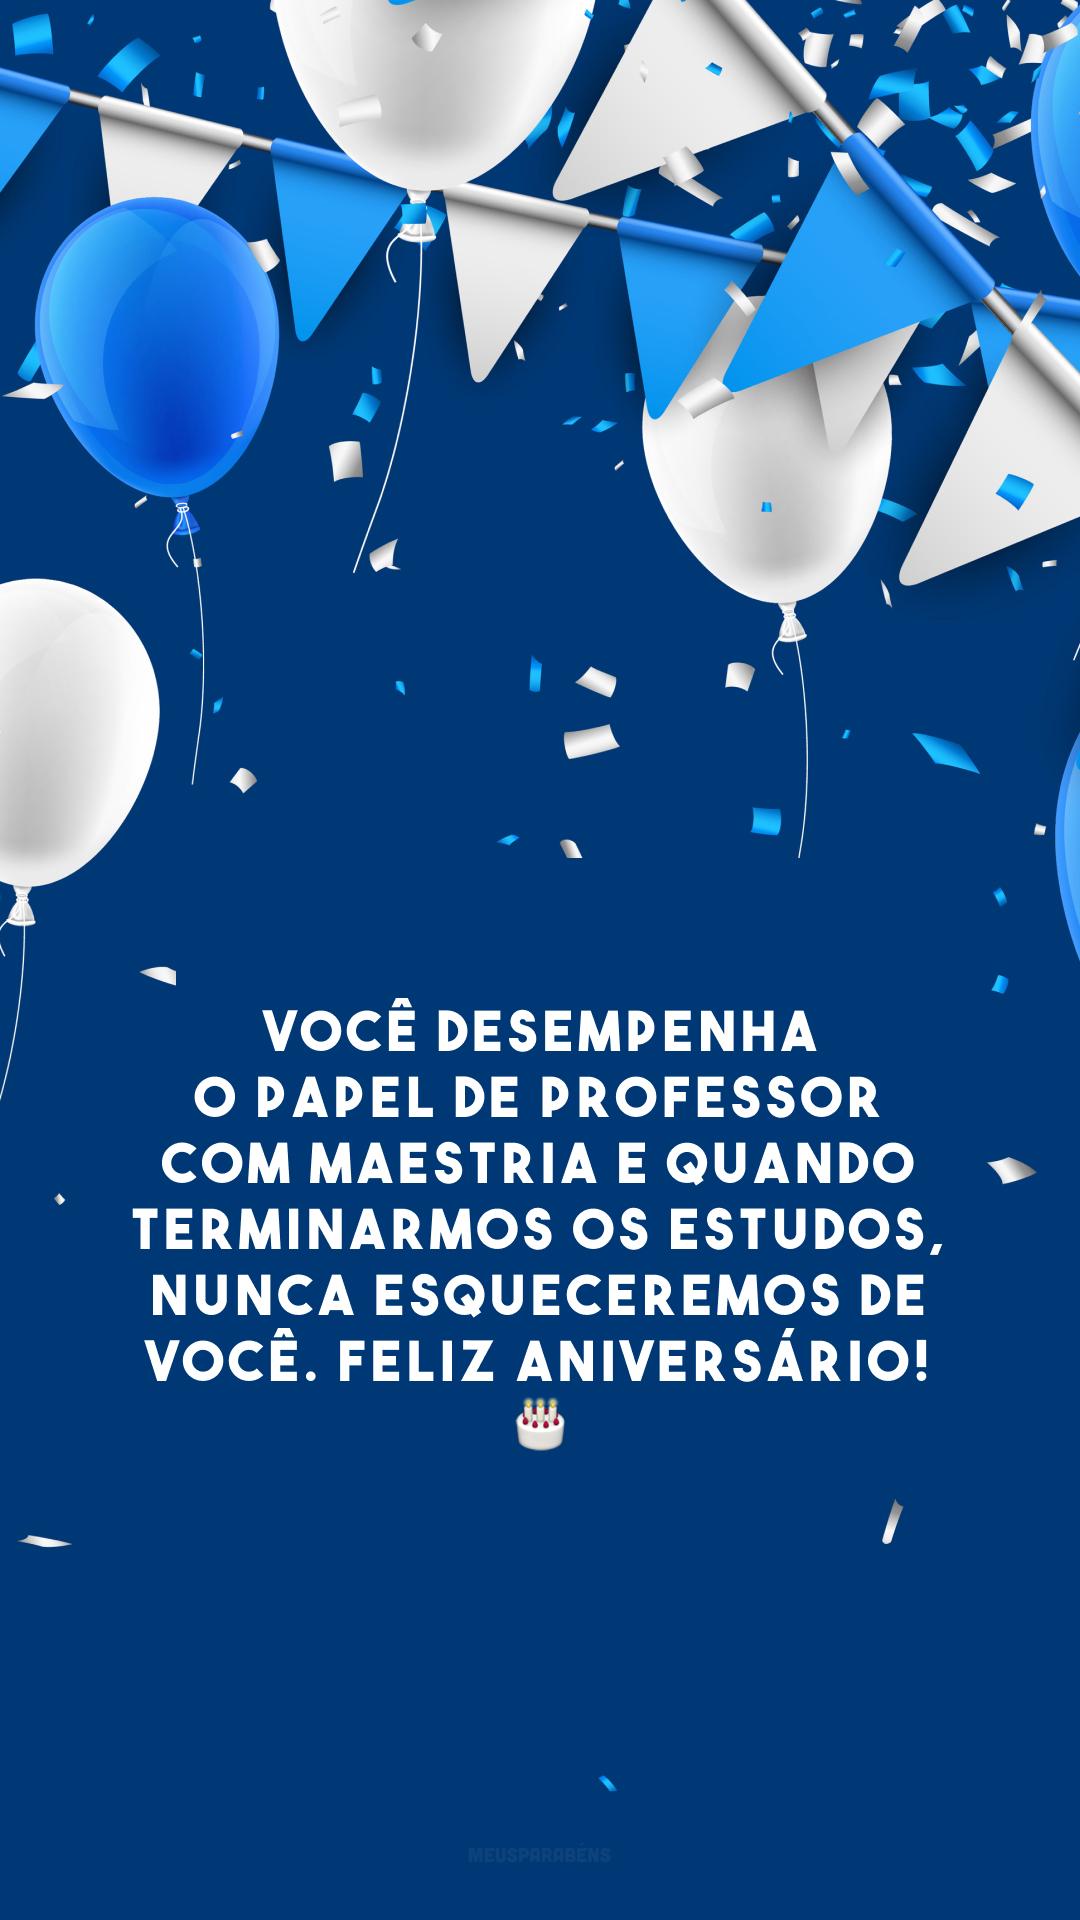 Você desempenha o papel de professor com maestria e quando terminarmos os estudos, nunca esqueceremos de você. Feliz aniversário! 🎂